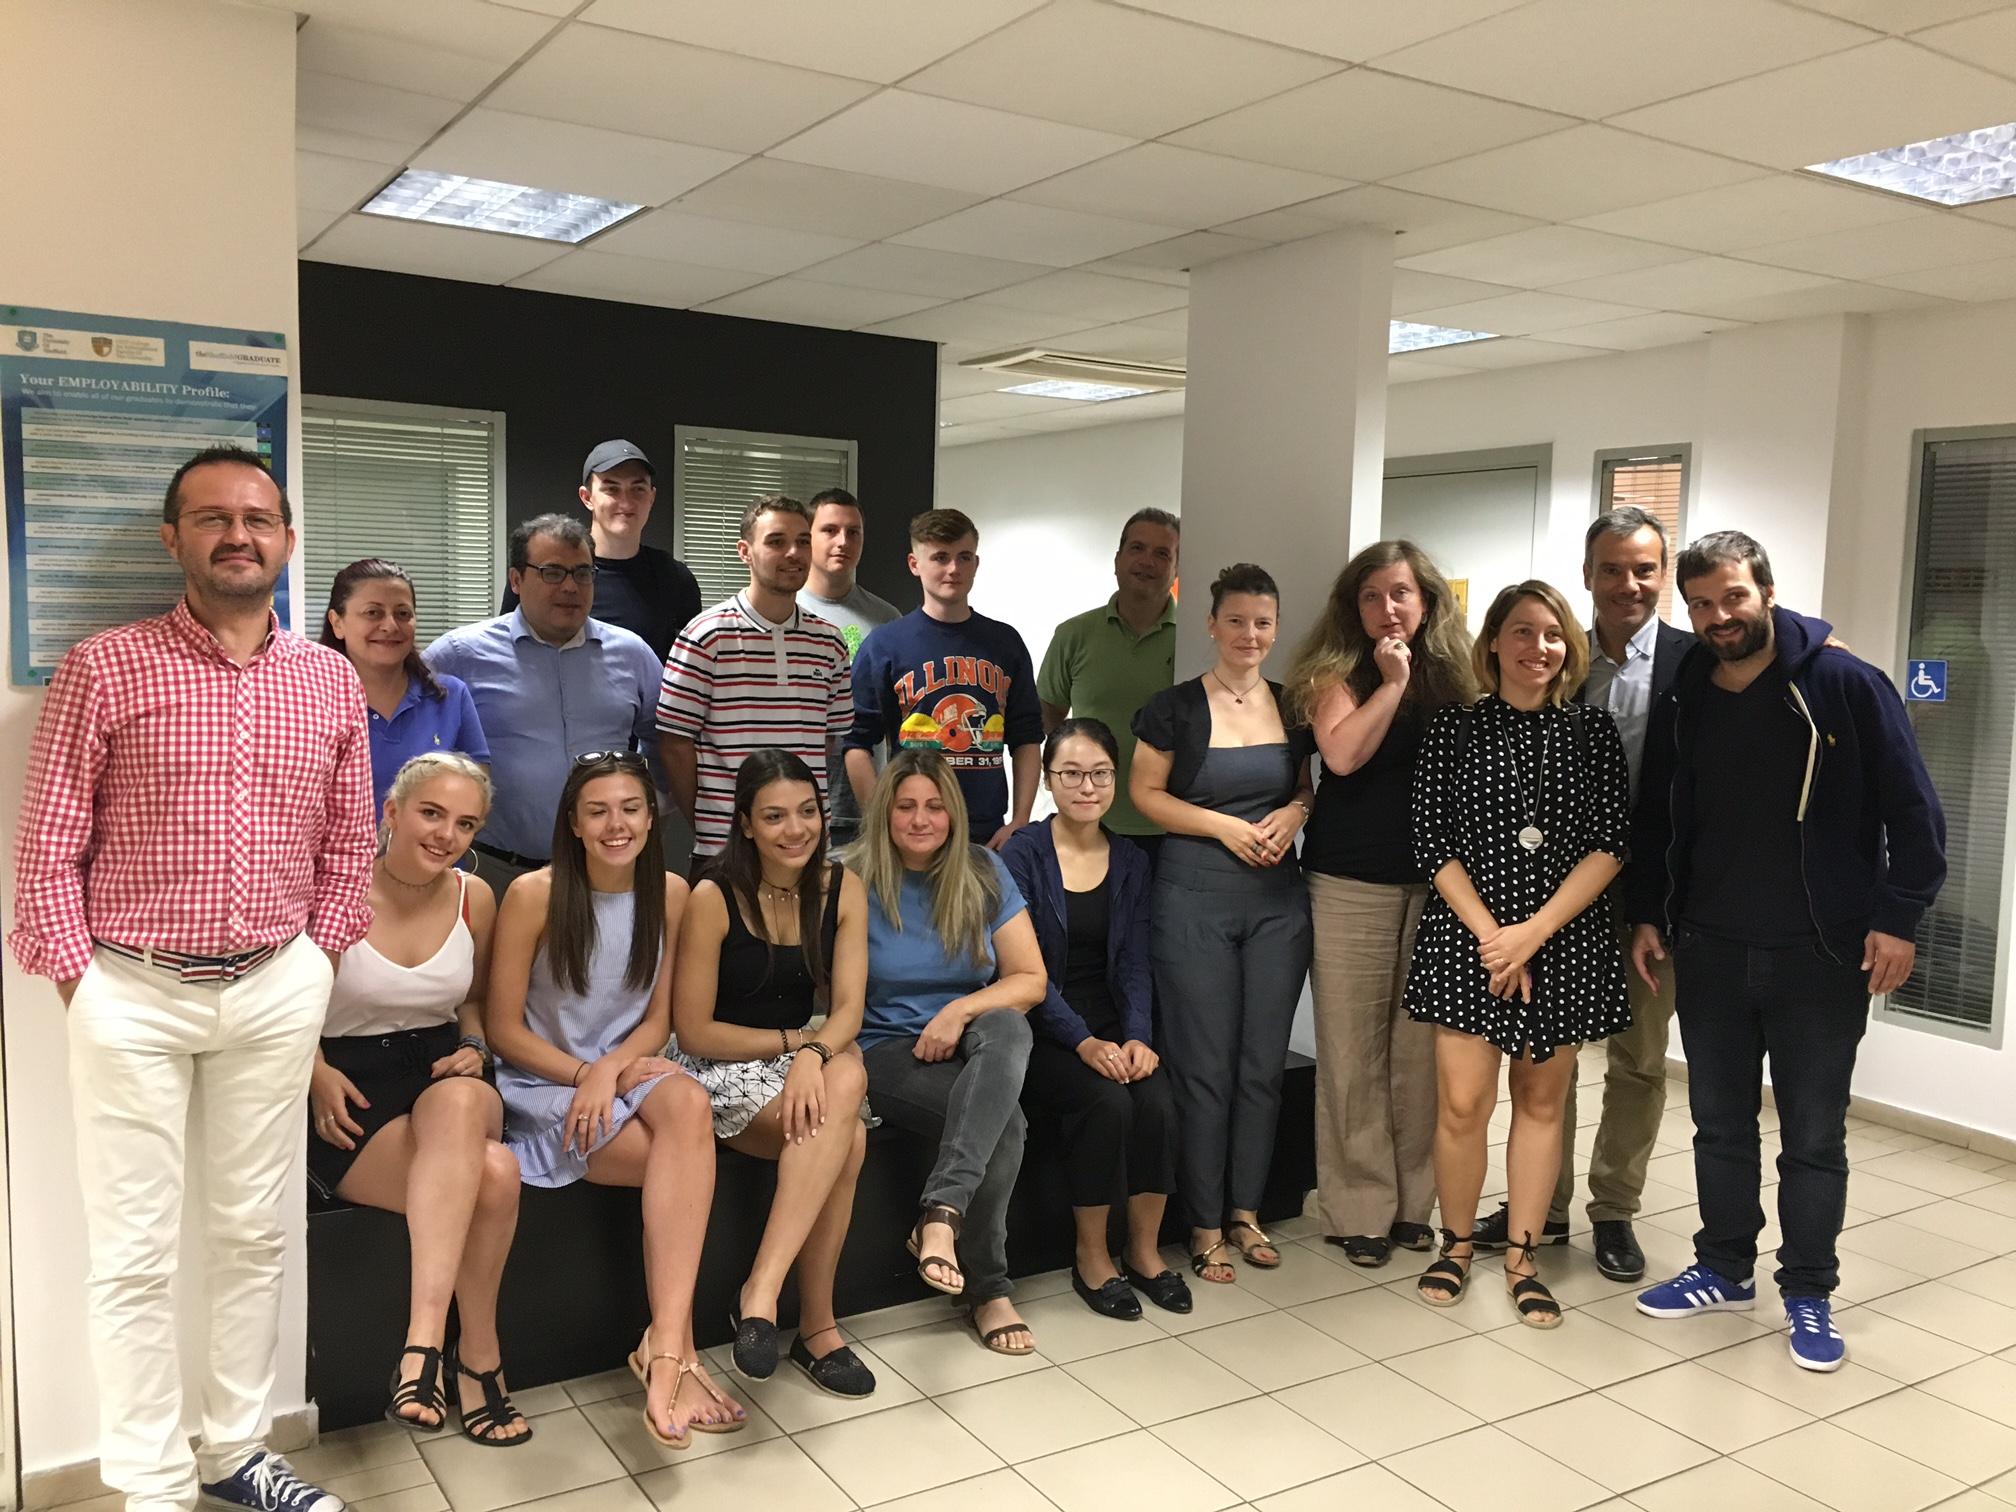 Ομιλία για την τοπική διακυβέρνηση σε επισκέπτεςφοιτητές του Πανεπιστημίου τουSheffield